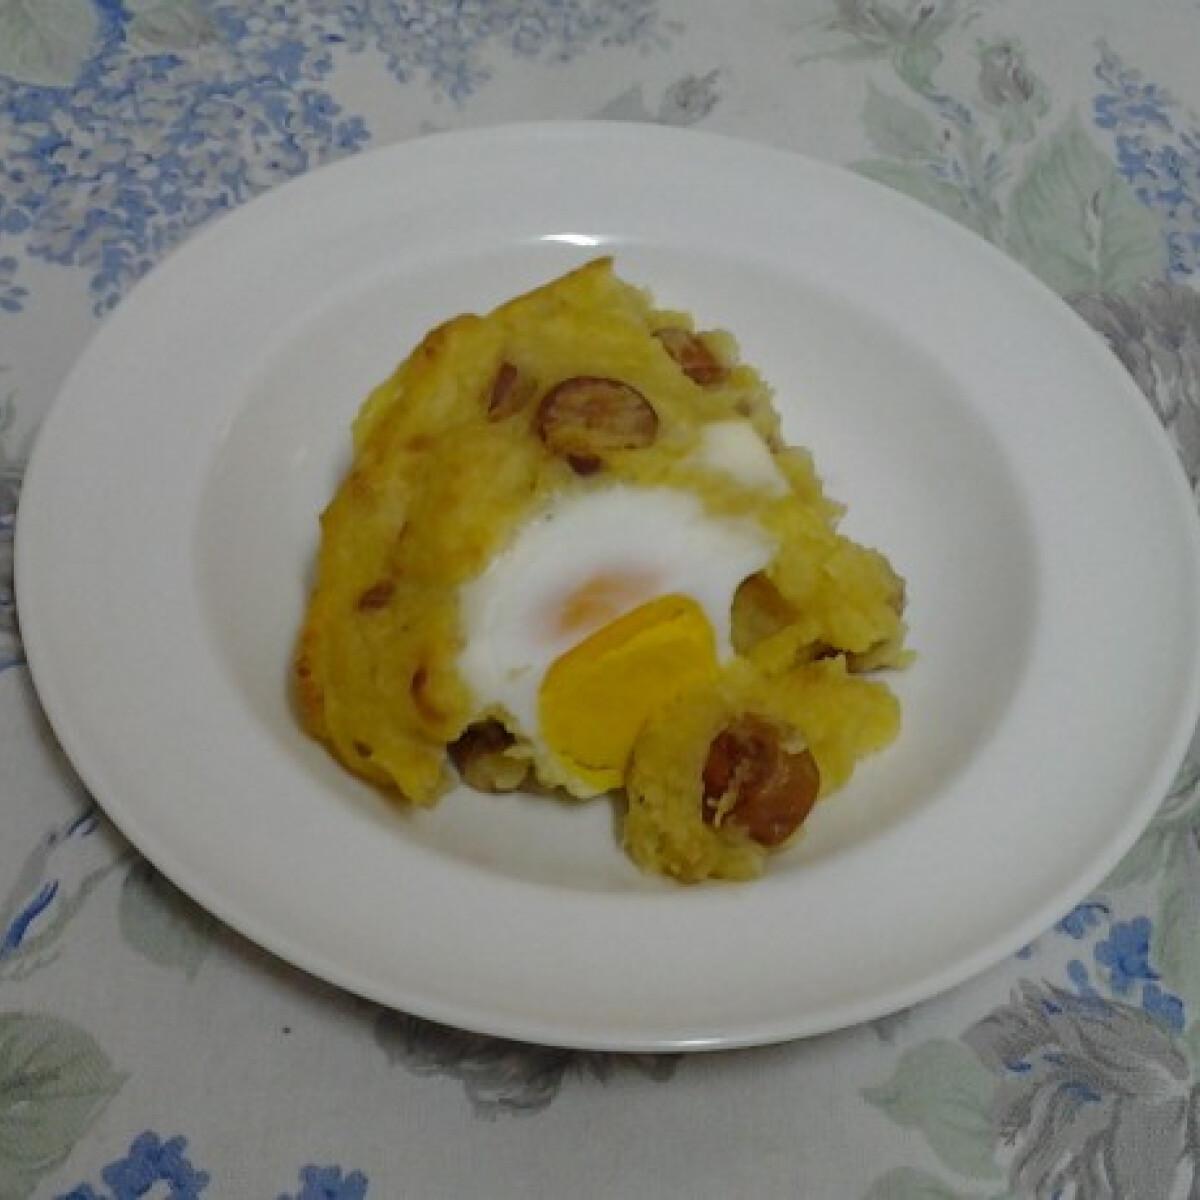 Ezen a képen: Sült krumplipüré virslivel